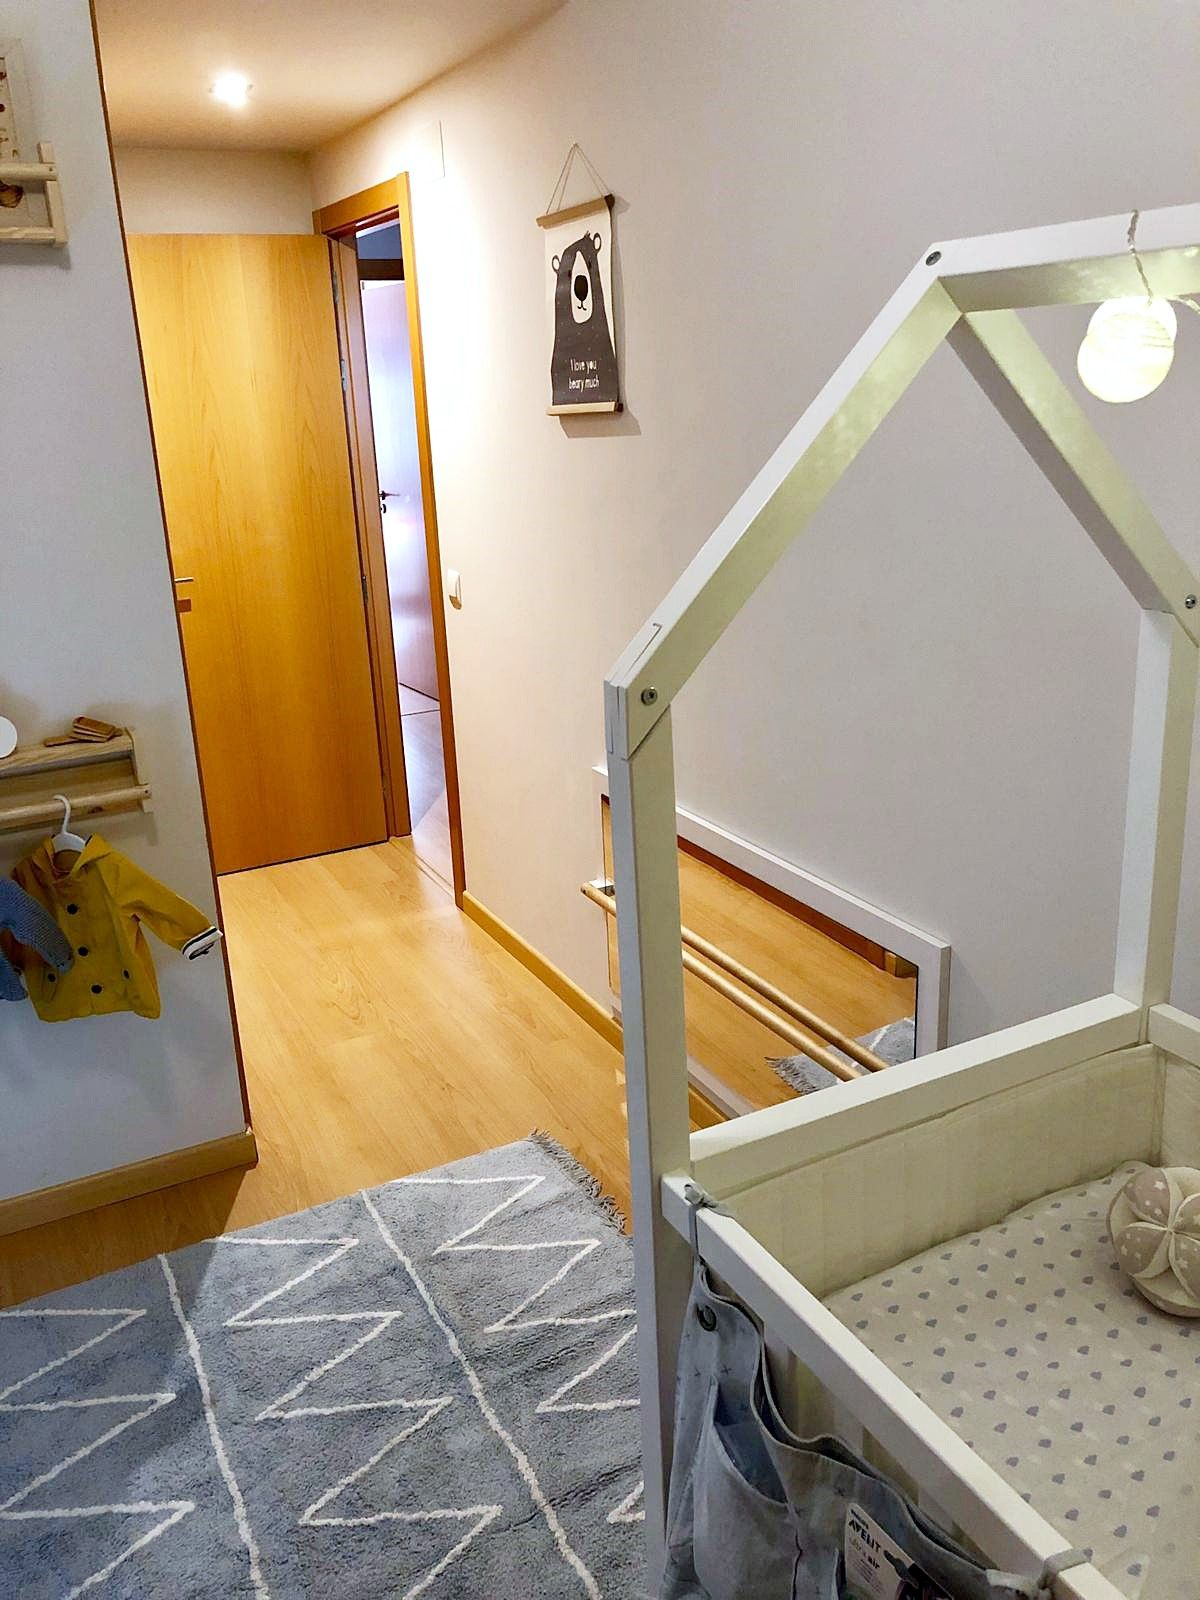 Después de proyecto de interiorismo infantil de estilo nórdico-clásico en Madrid por Ana Utrilla @Utrillanais